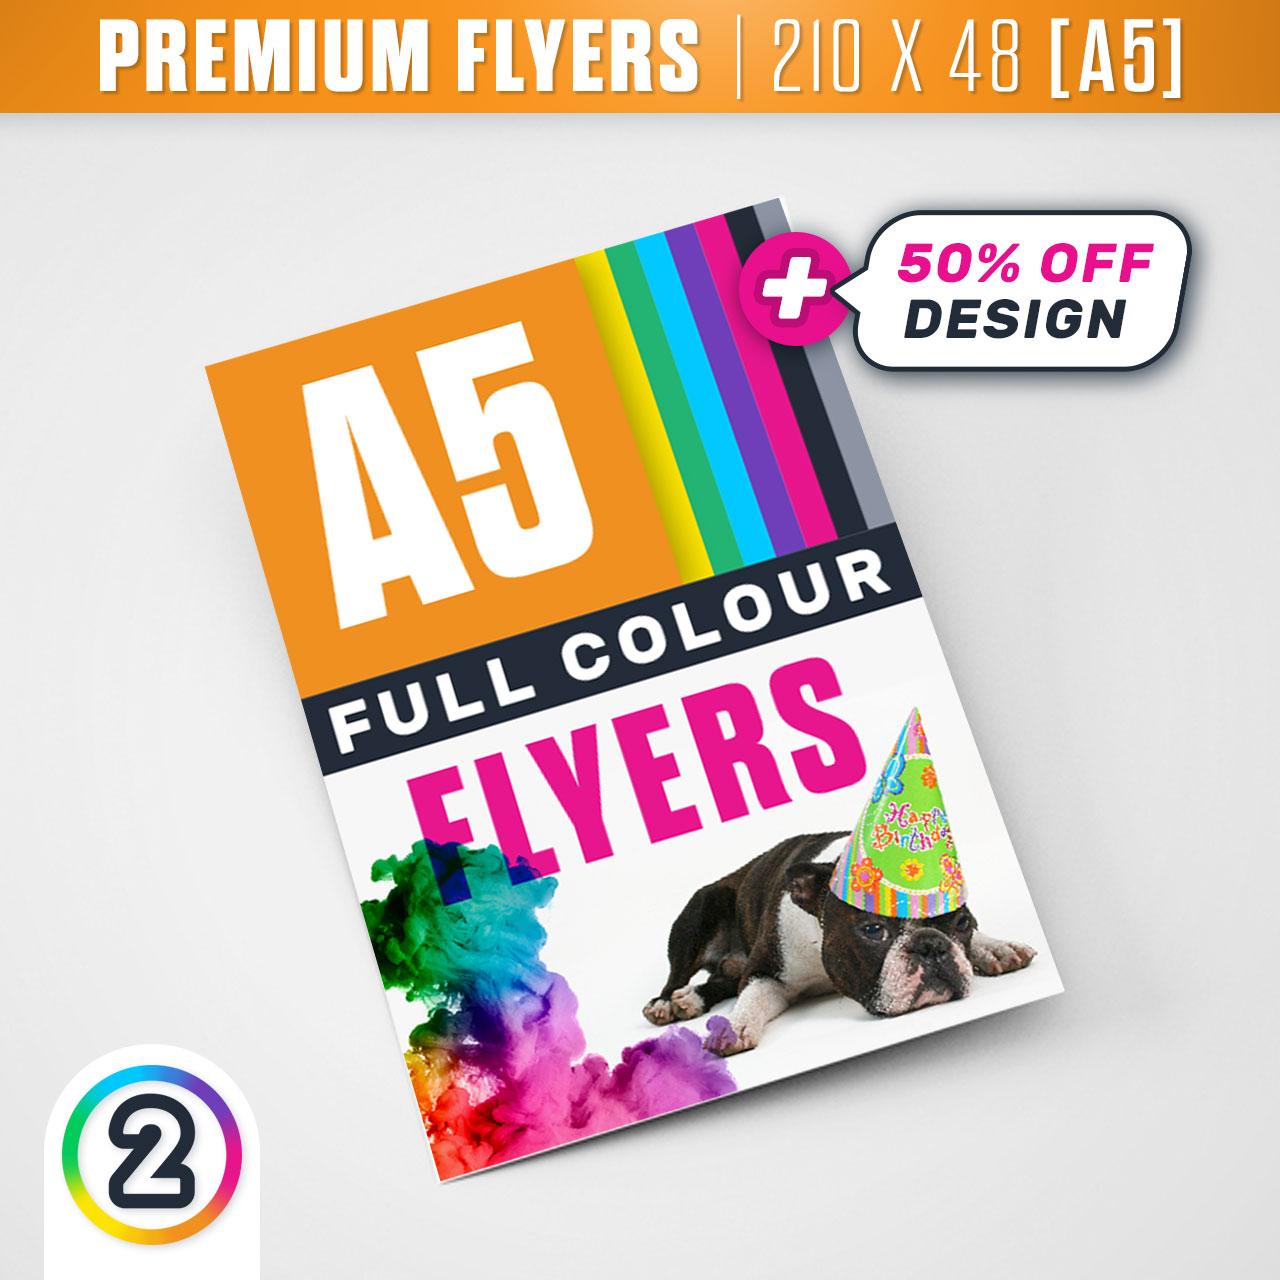 D2P Buy A5 Flyers Online Australia Full Colour